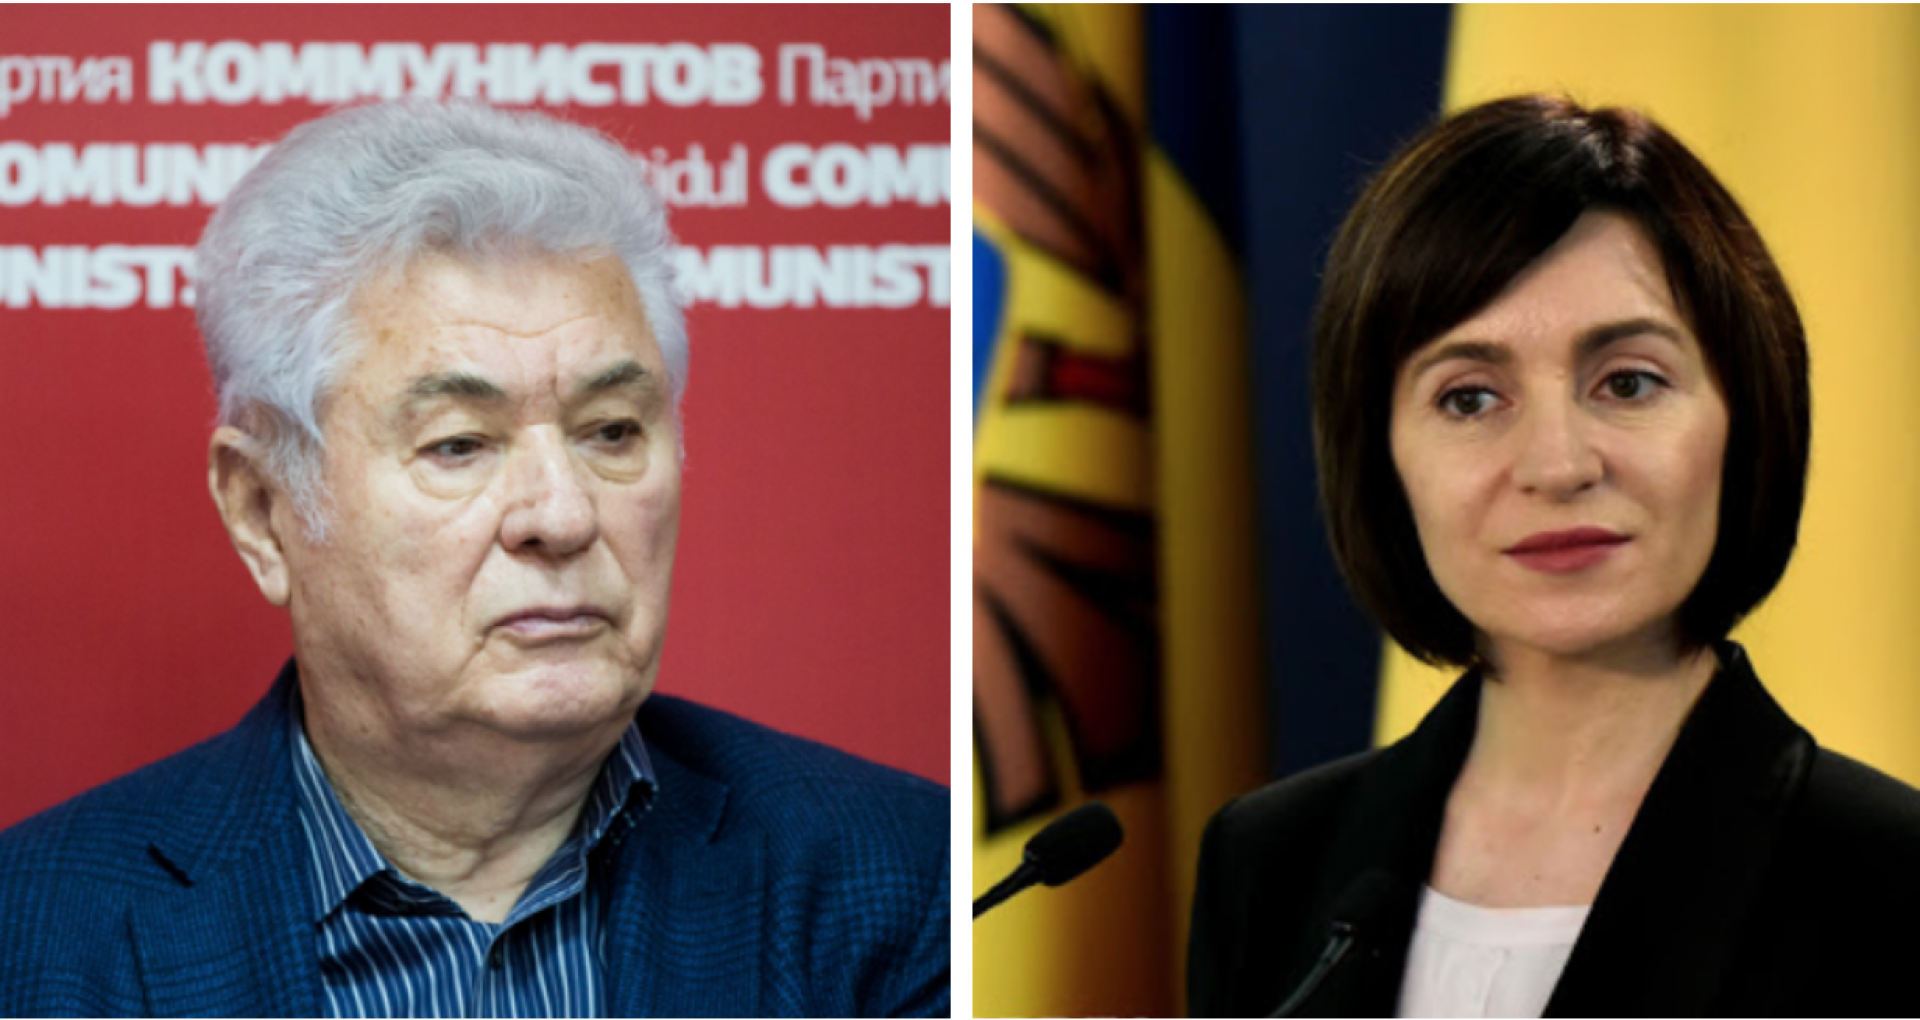 Voronin nu o recunoaște pe Maia Sandu drept președintă aleasă, însă îi cere să dizolve Parlamentul